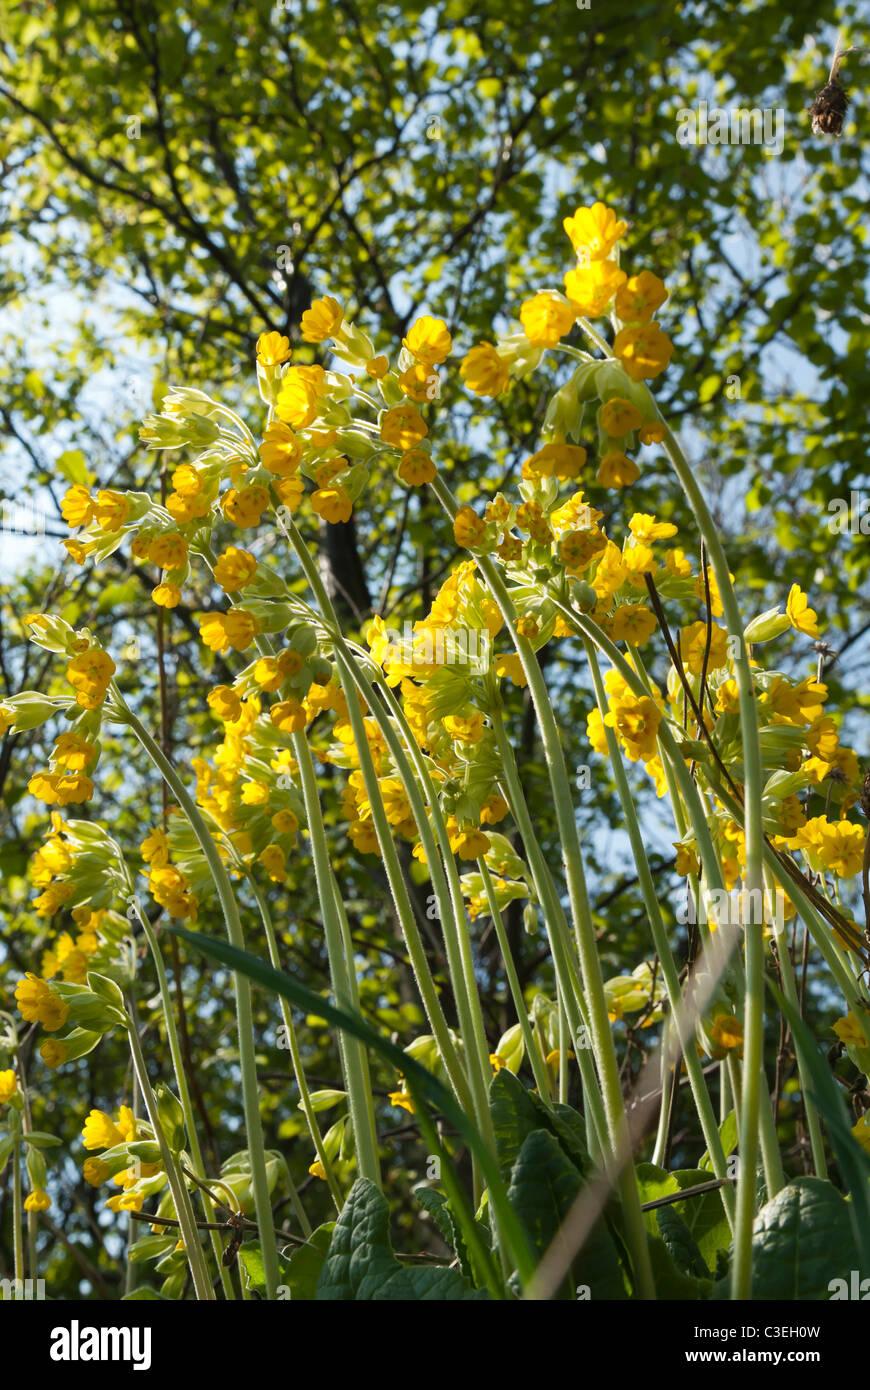 Cowslip, Primula veris Stock Photo